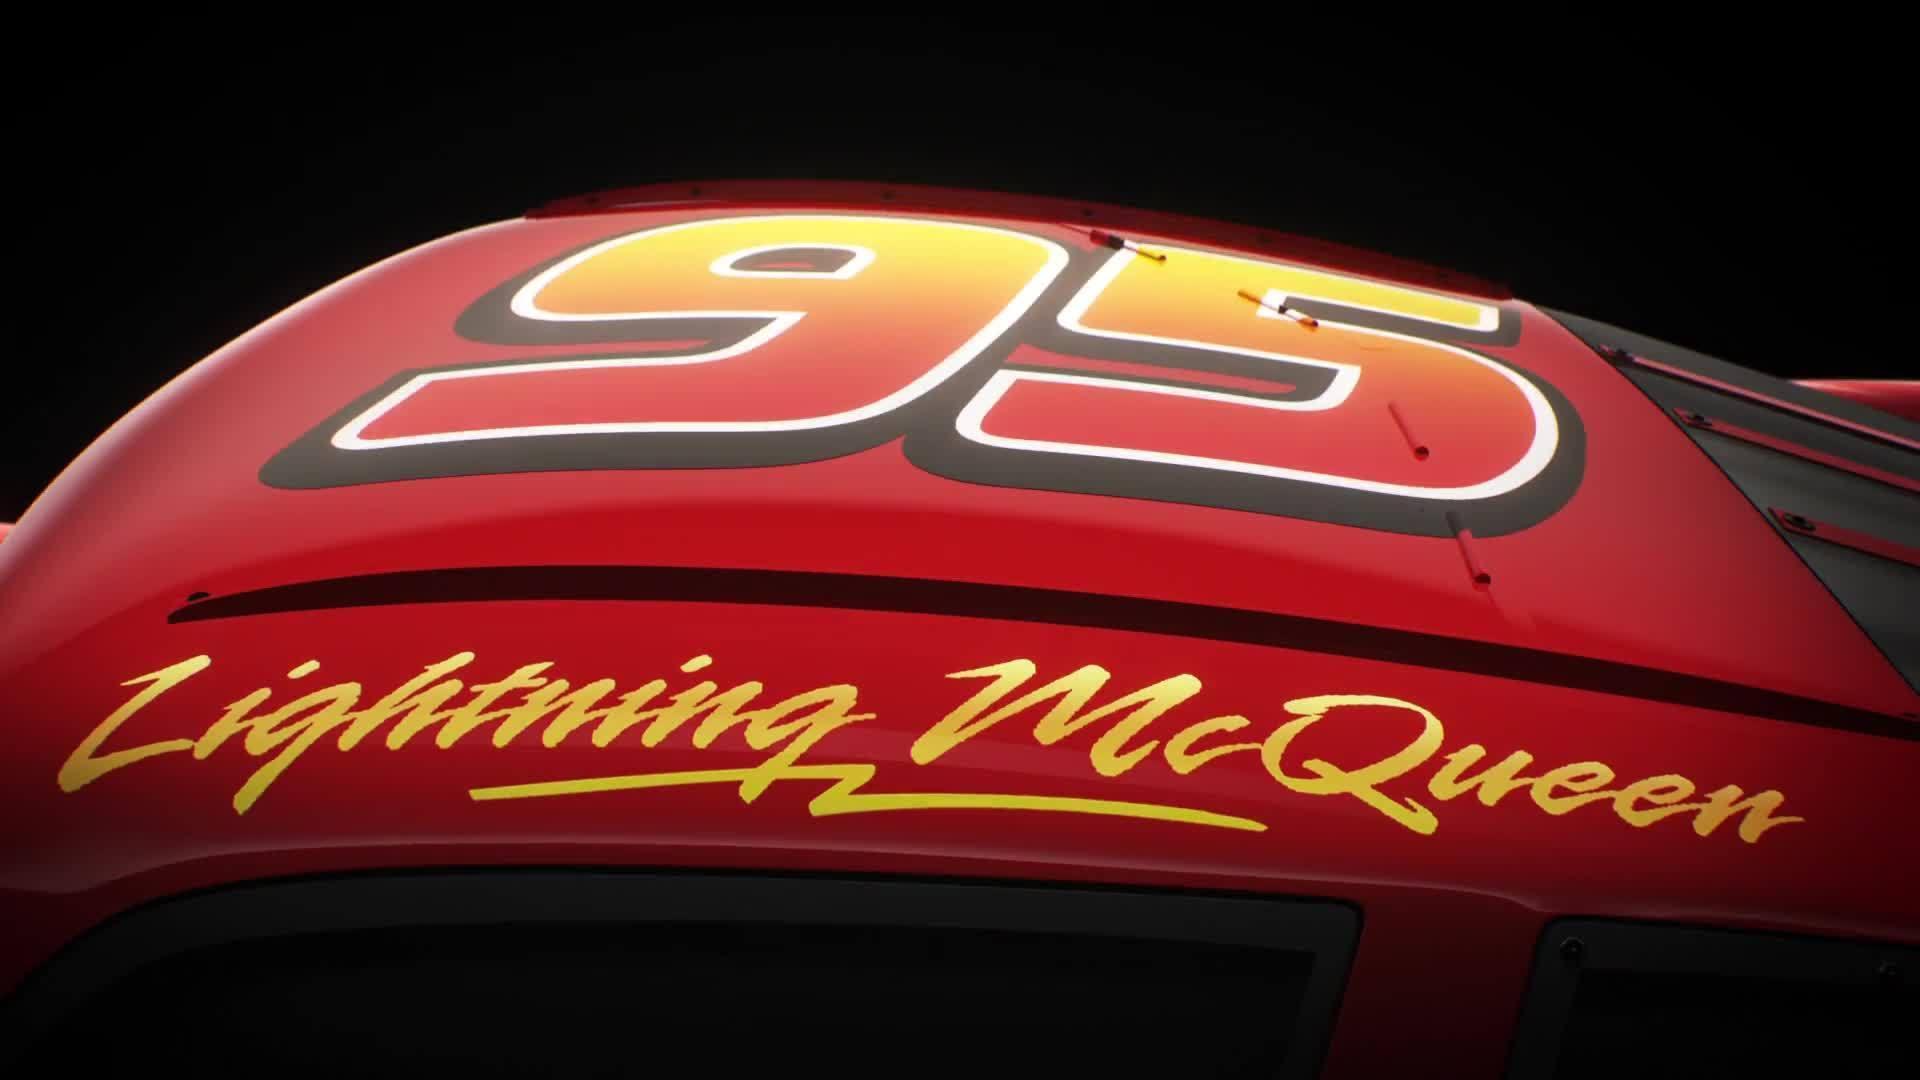 Lighting McQueen - Cars 3 - June 16